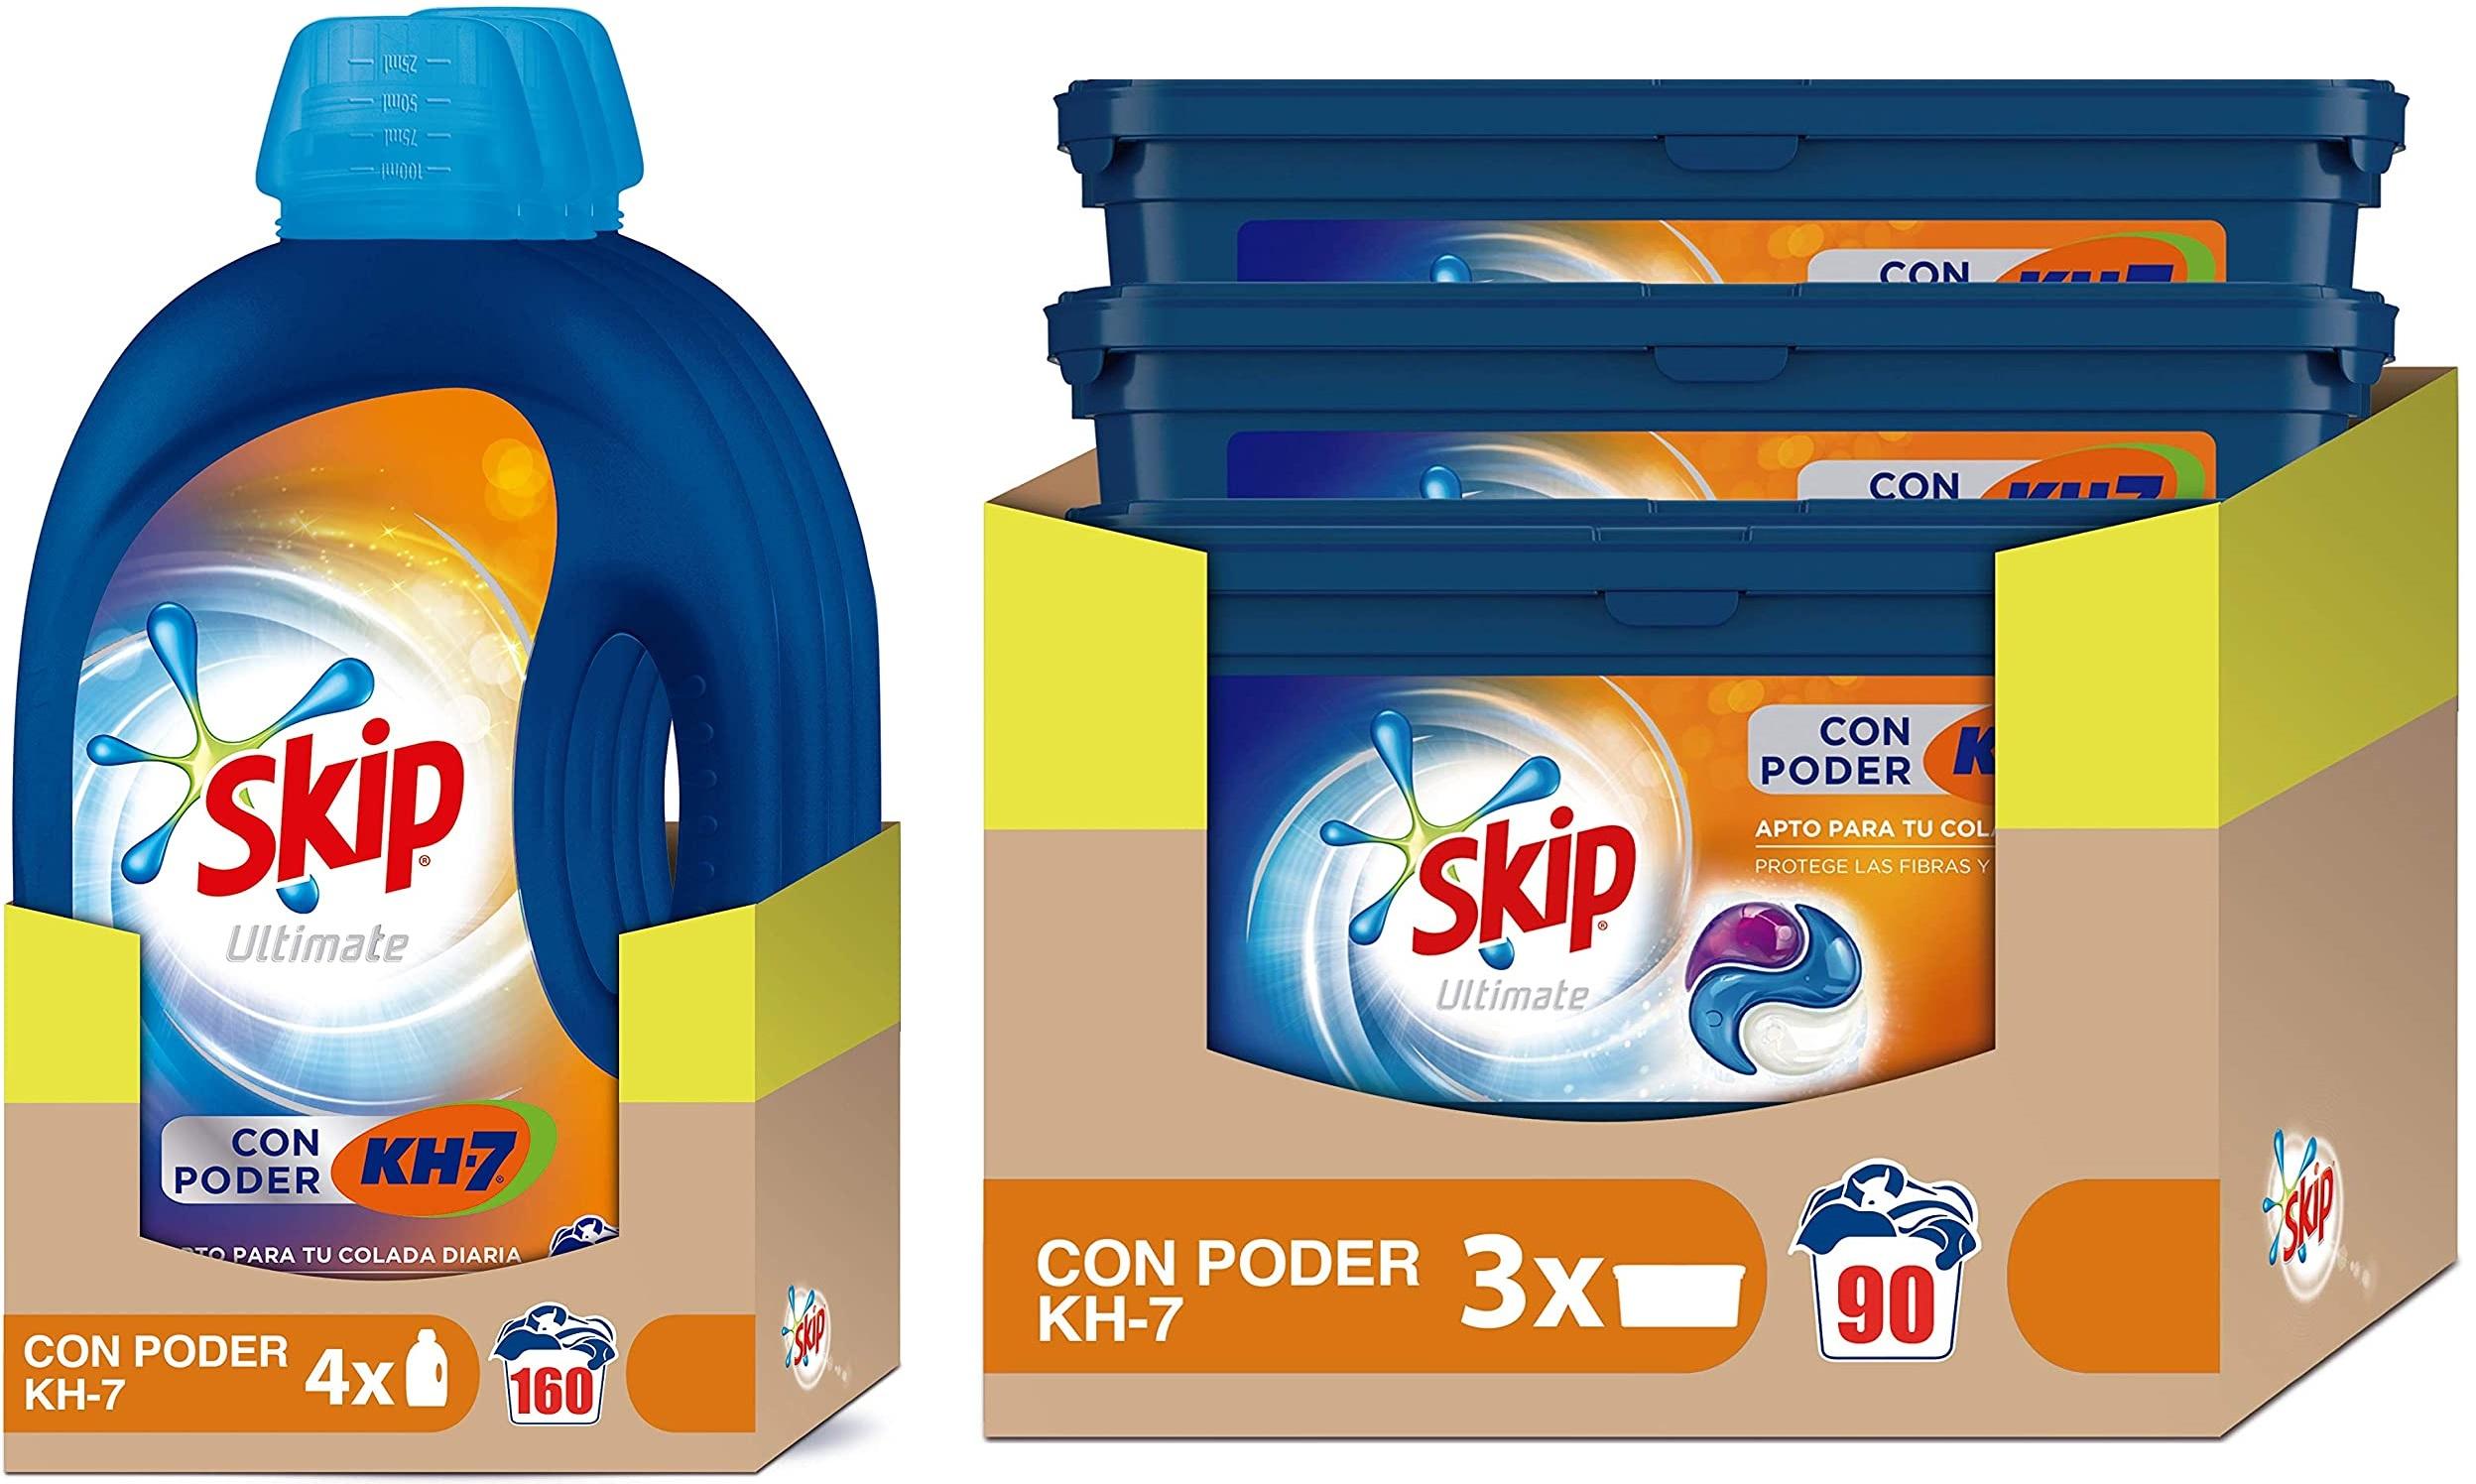 Skip líquido (27,54 €) y Skip en cápsulas (19,94 €) con suscripción